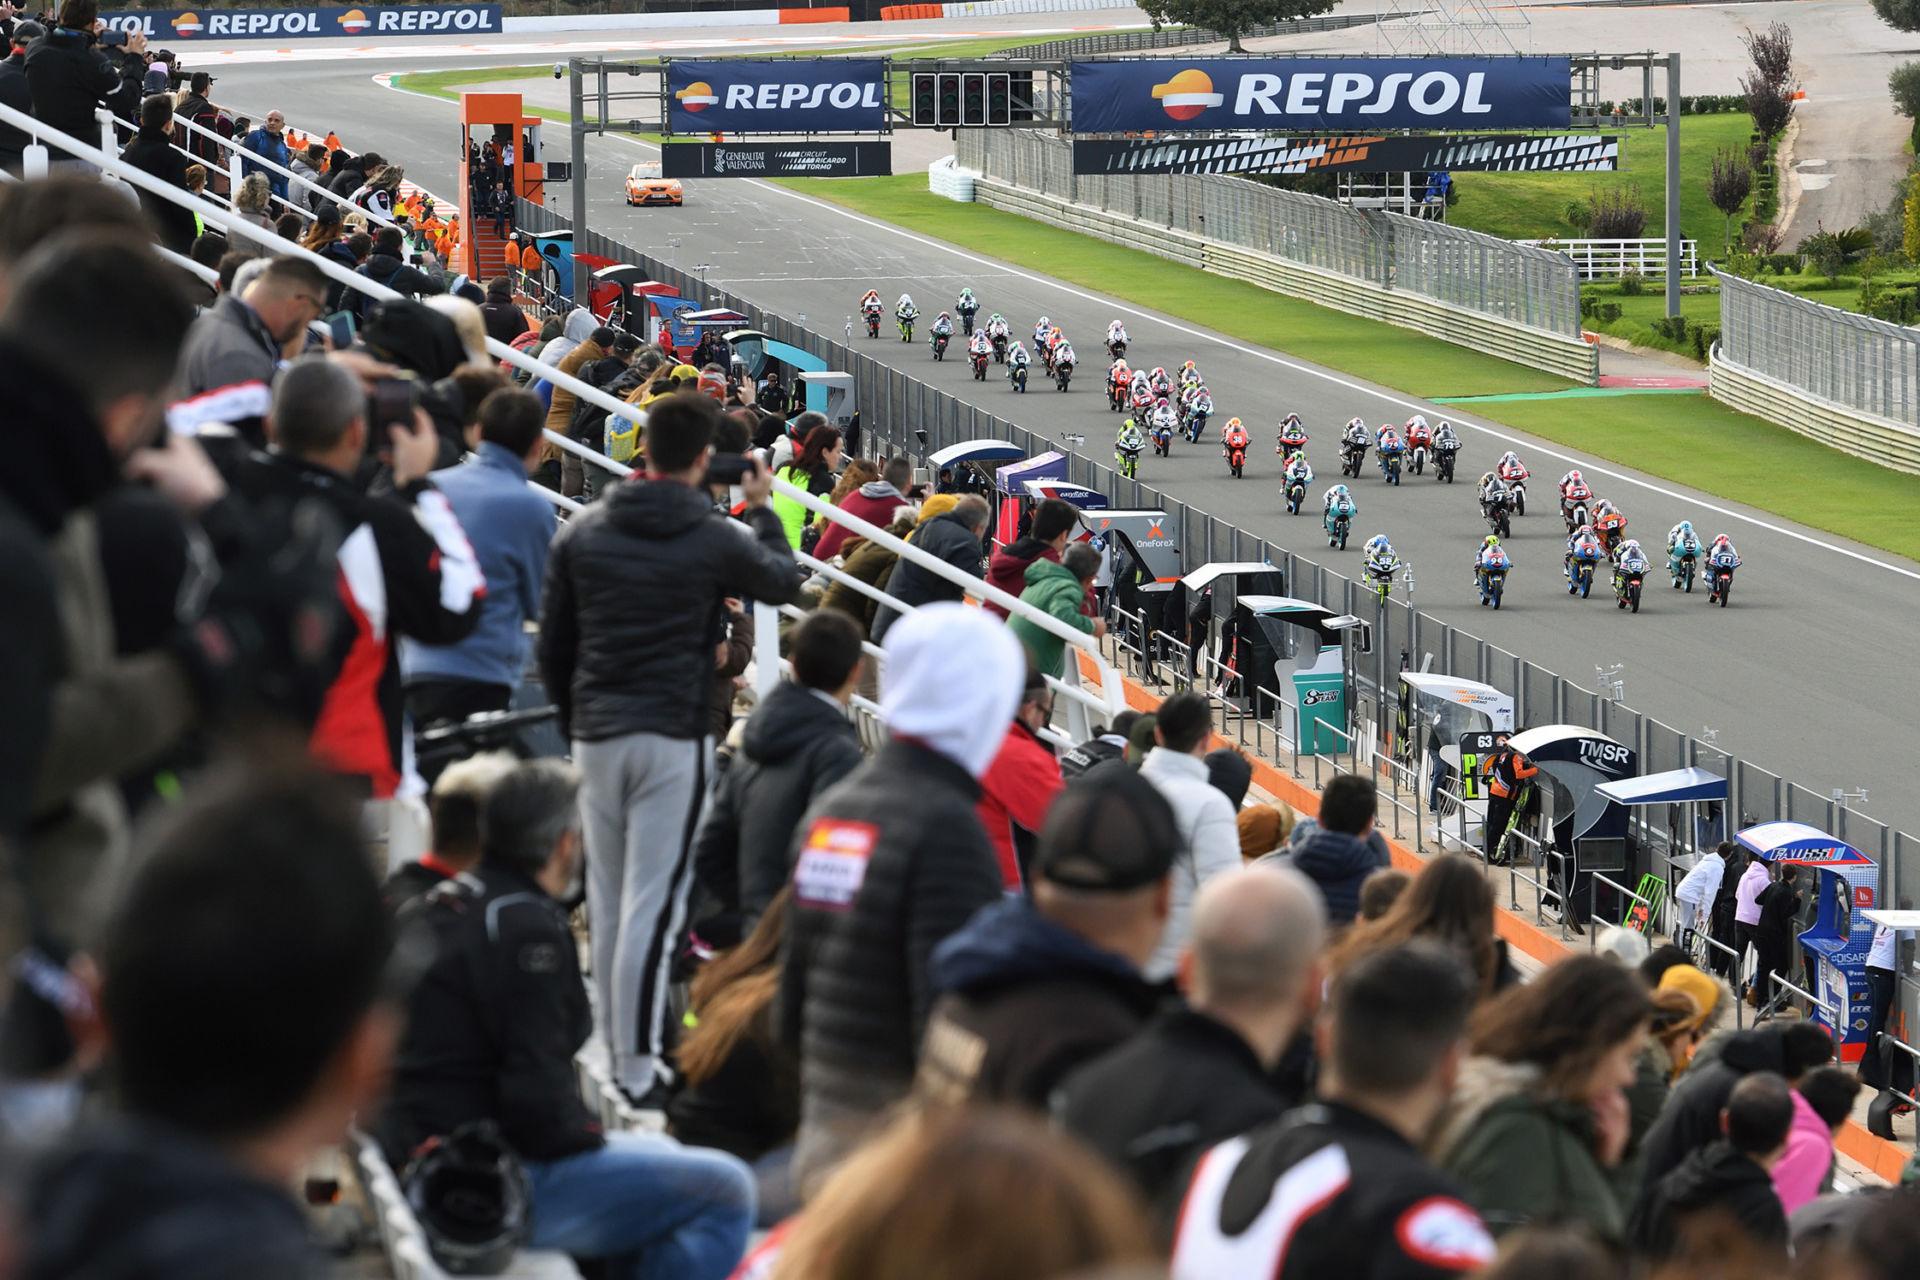 A Moto3 race start during the FIM CEV Repsol season finale at Valencia in 2019. Photo courtesy FIM CEV Repsol Press Office.